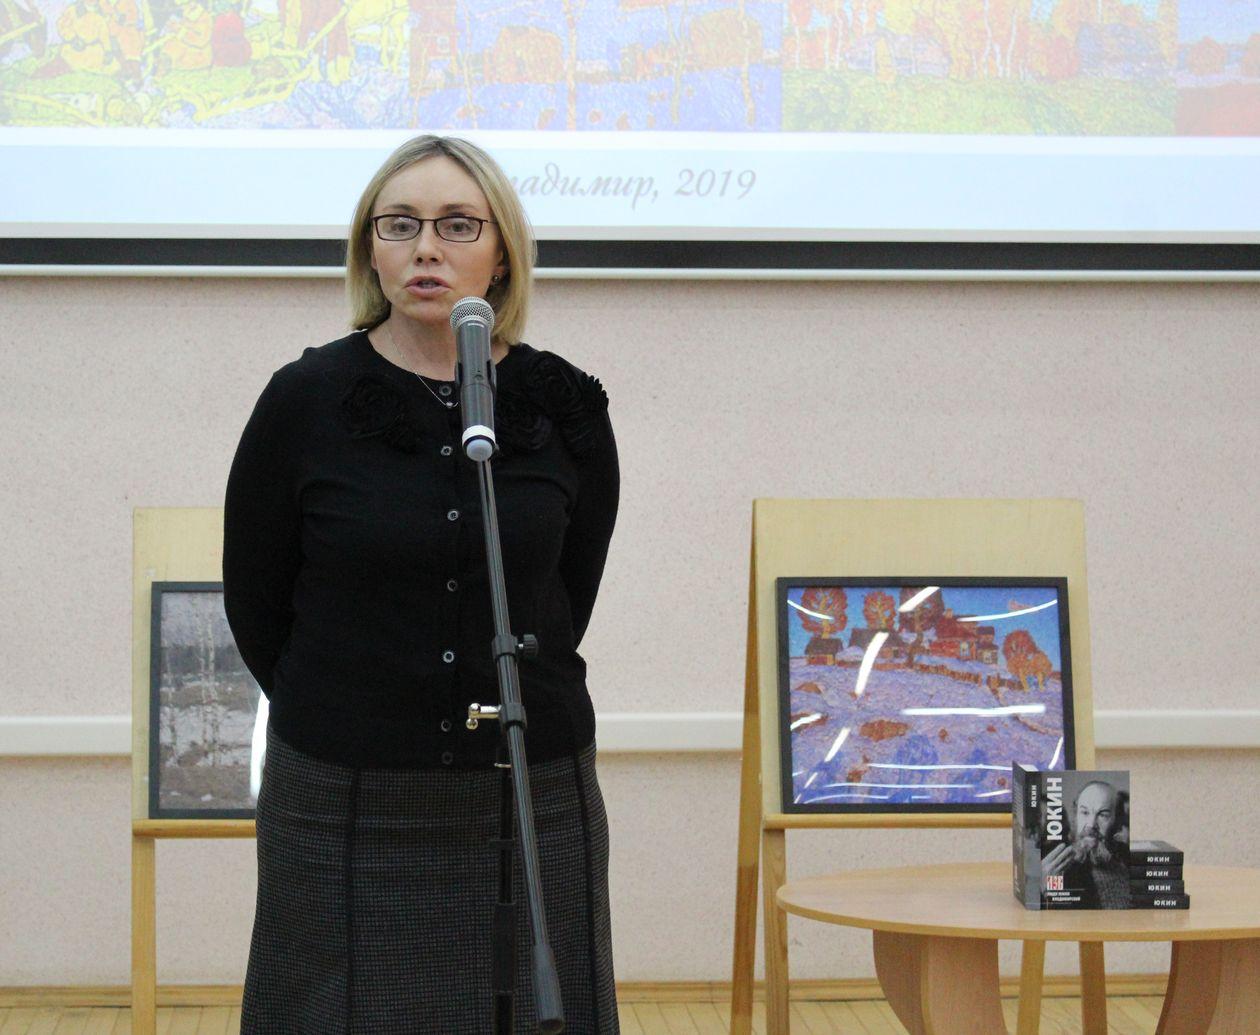 временно исполняющая обязанности первого заместителя Губернатора Владимирской области Чекунова Марина Анатольевна